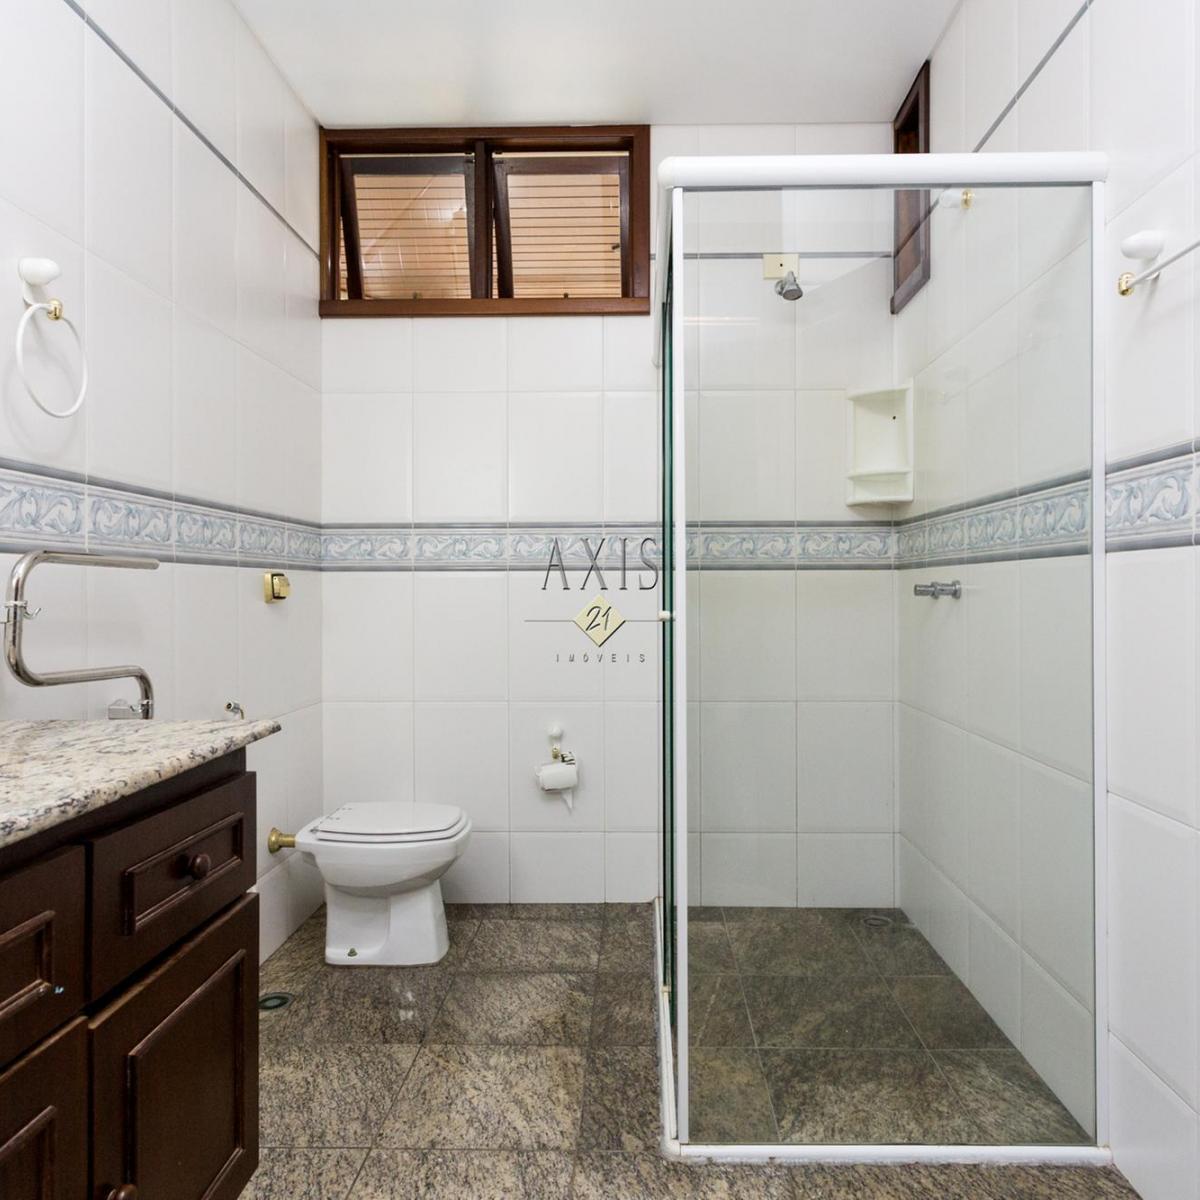 Imagens de #302218 Casa à venda com 3 Quartos Bigorrilho Curitiba R$ 2.700.000 ID  1200x1200 px 3084 Box Banheiro Bigorrilho Curitiba